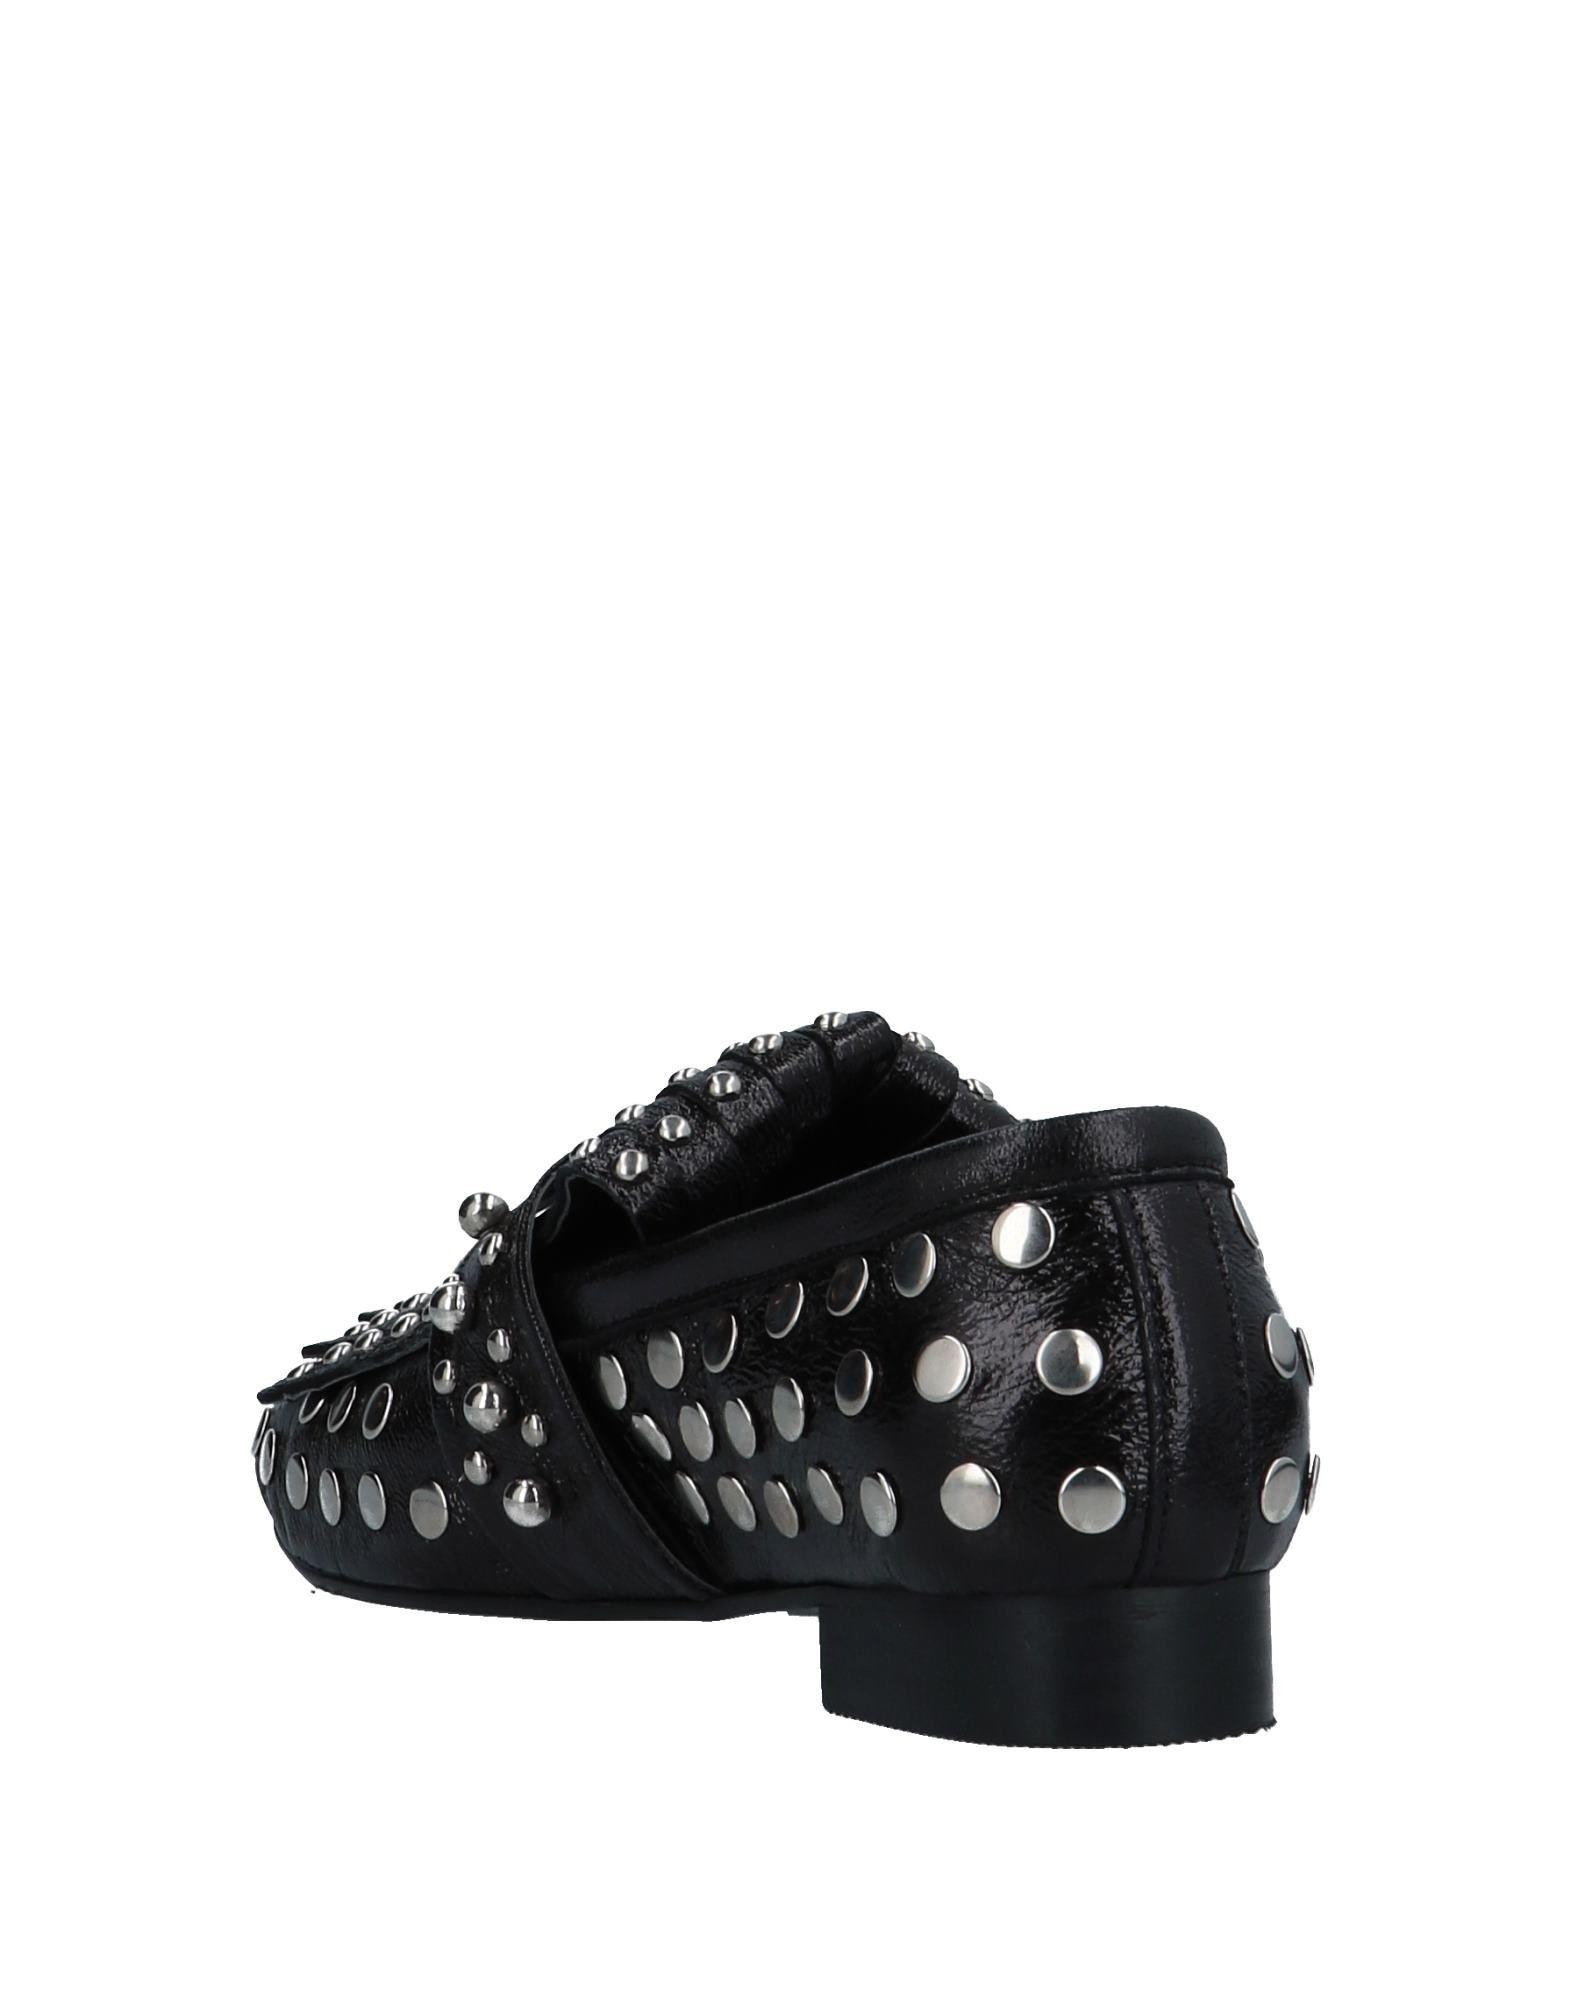 Pixy Mokassins Damen Damen Mokassins 11574149WH Gute Qualität beliebte Schuhe e8116c